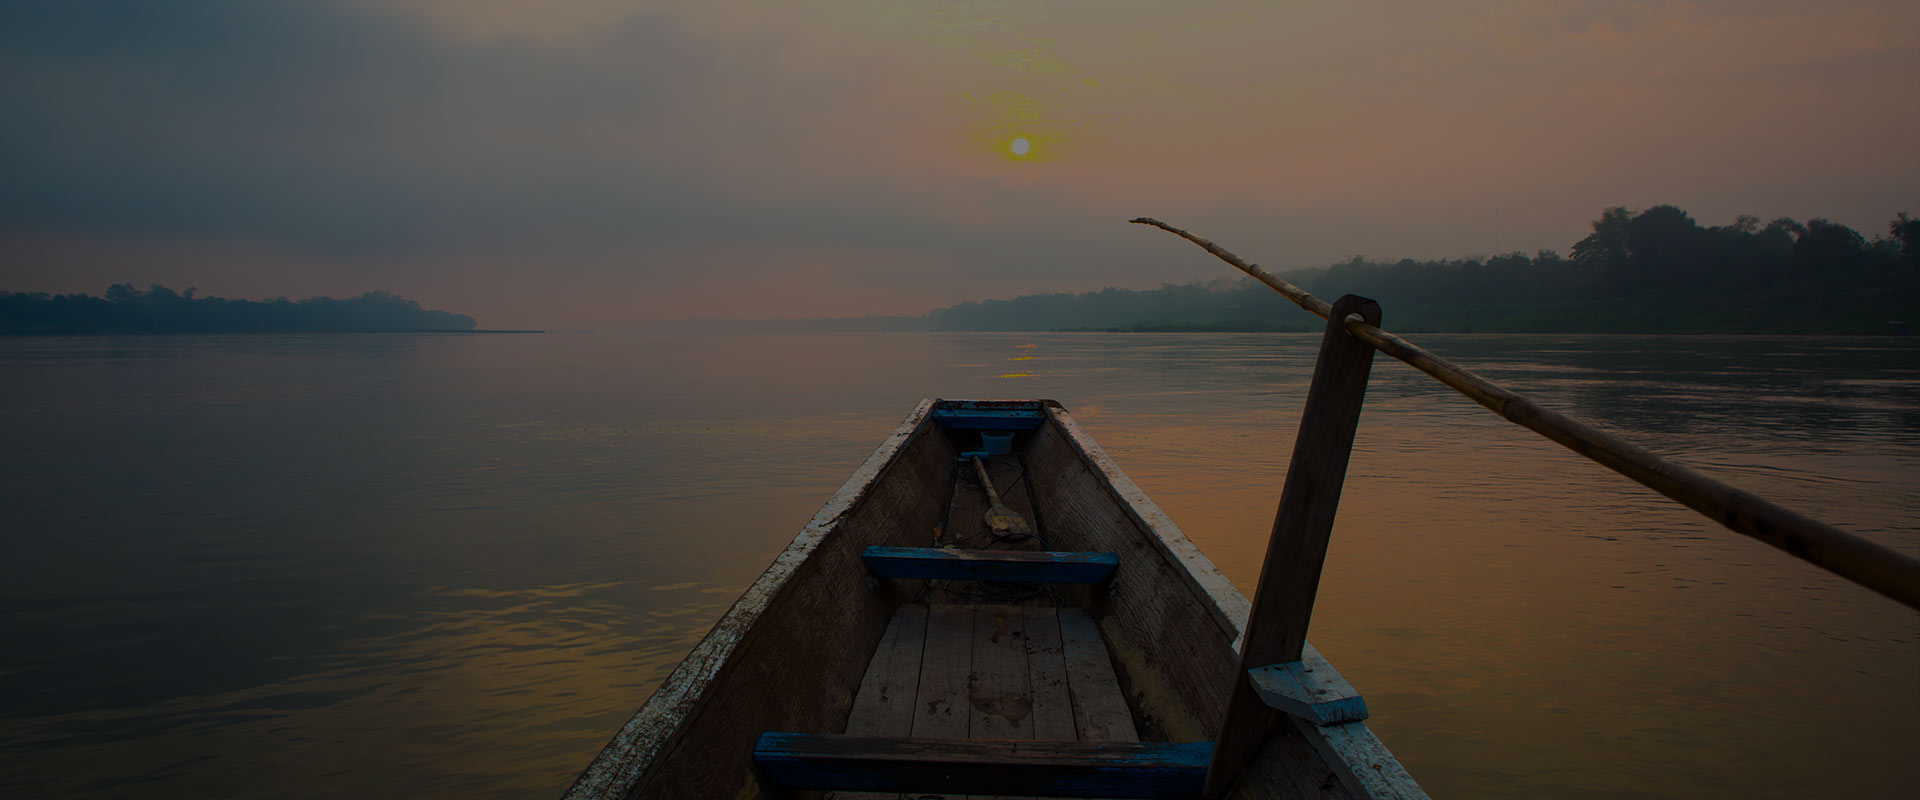 Sunrise on boat - India